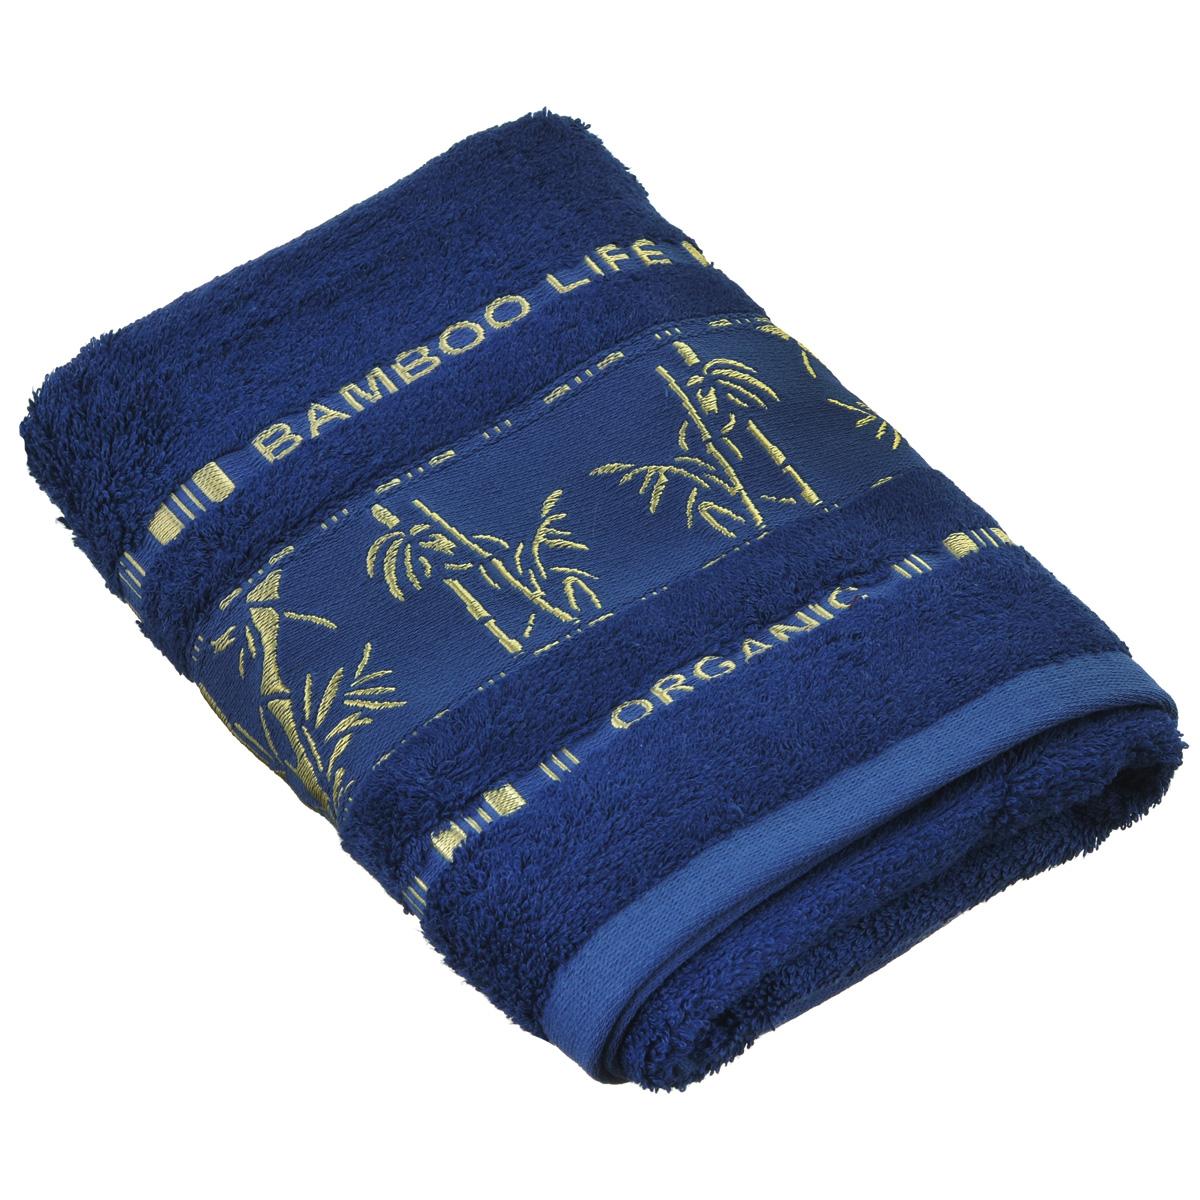 Полотенце Mariposa Bamboo, цвет: синий, 50 х 90 см52922Полотенце Mariposa Bamboo, изготовленное из 60% бамбука и 40% хлопка, подарит массу положительных эмоций и приятных ощущений. Полотенца из бамбука только издали похожи на обычные. На самом деле, при первом же прикосновении вы ощутите невероятную мягкость и шелковистость. Таким полотенцем не нужно вытираться - только коснитесь кожи - и ткань сама все впитает! Несмотря на богатую плотность и высокую петлю полотенца, оно быстро сохнет, остается легким даже при намокании. Полотенце оформлено изображением бамбука. Благородный тон создает уют и подчеркивает лучшие качества махровой ткани. Полотенце Mariposa Bamboo станет достойным выбором для вас и приятным подарком для ваших близких. Размер полотенца: 50 см х 90 см.